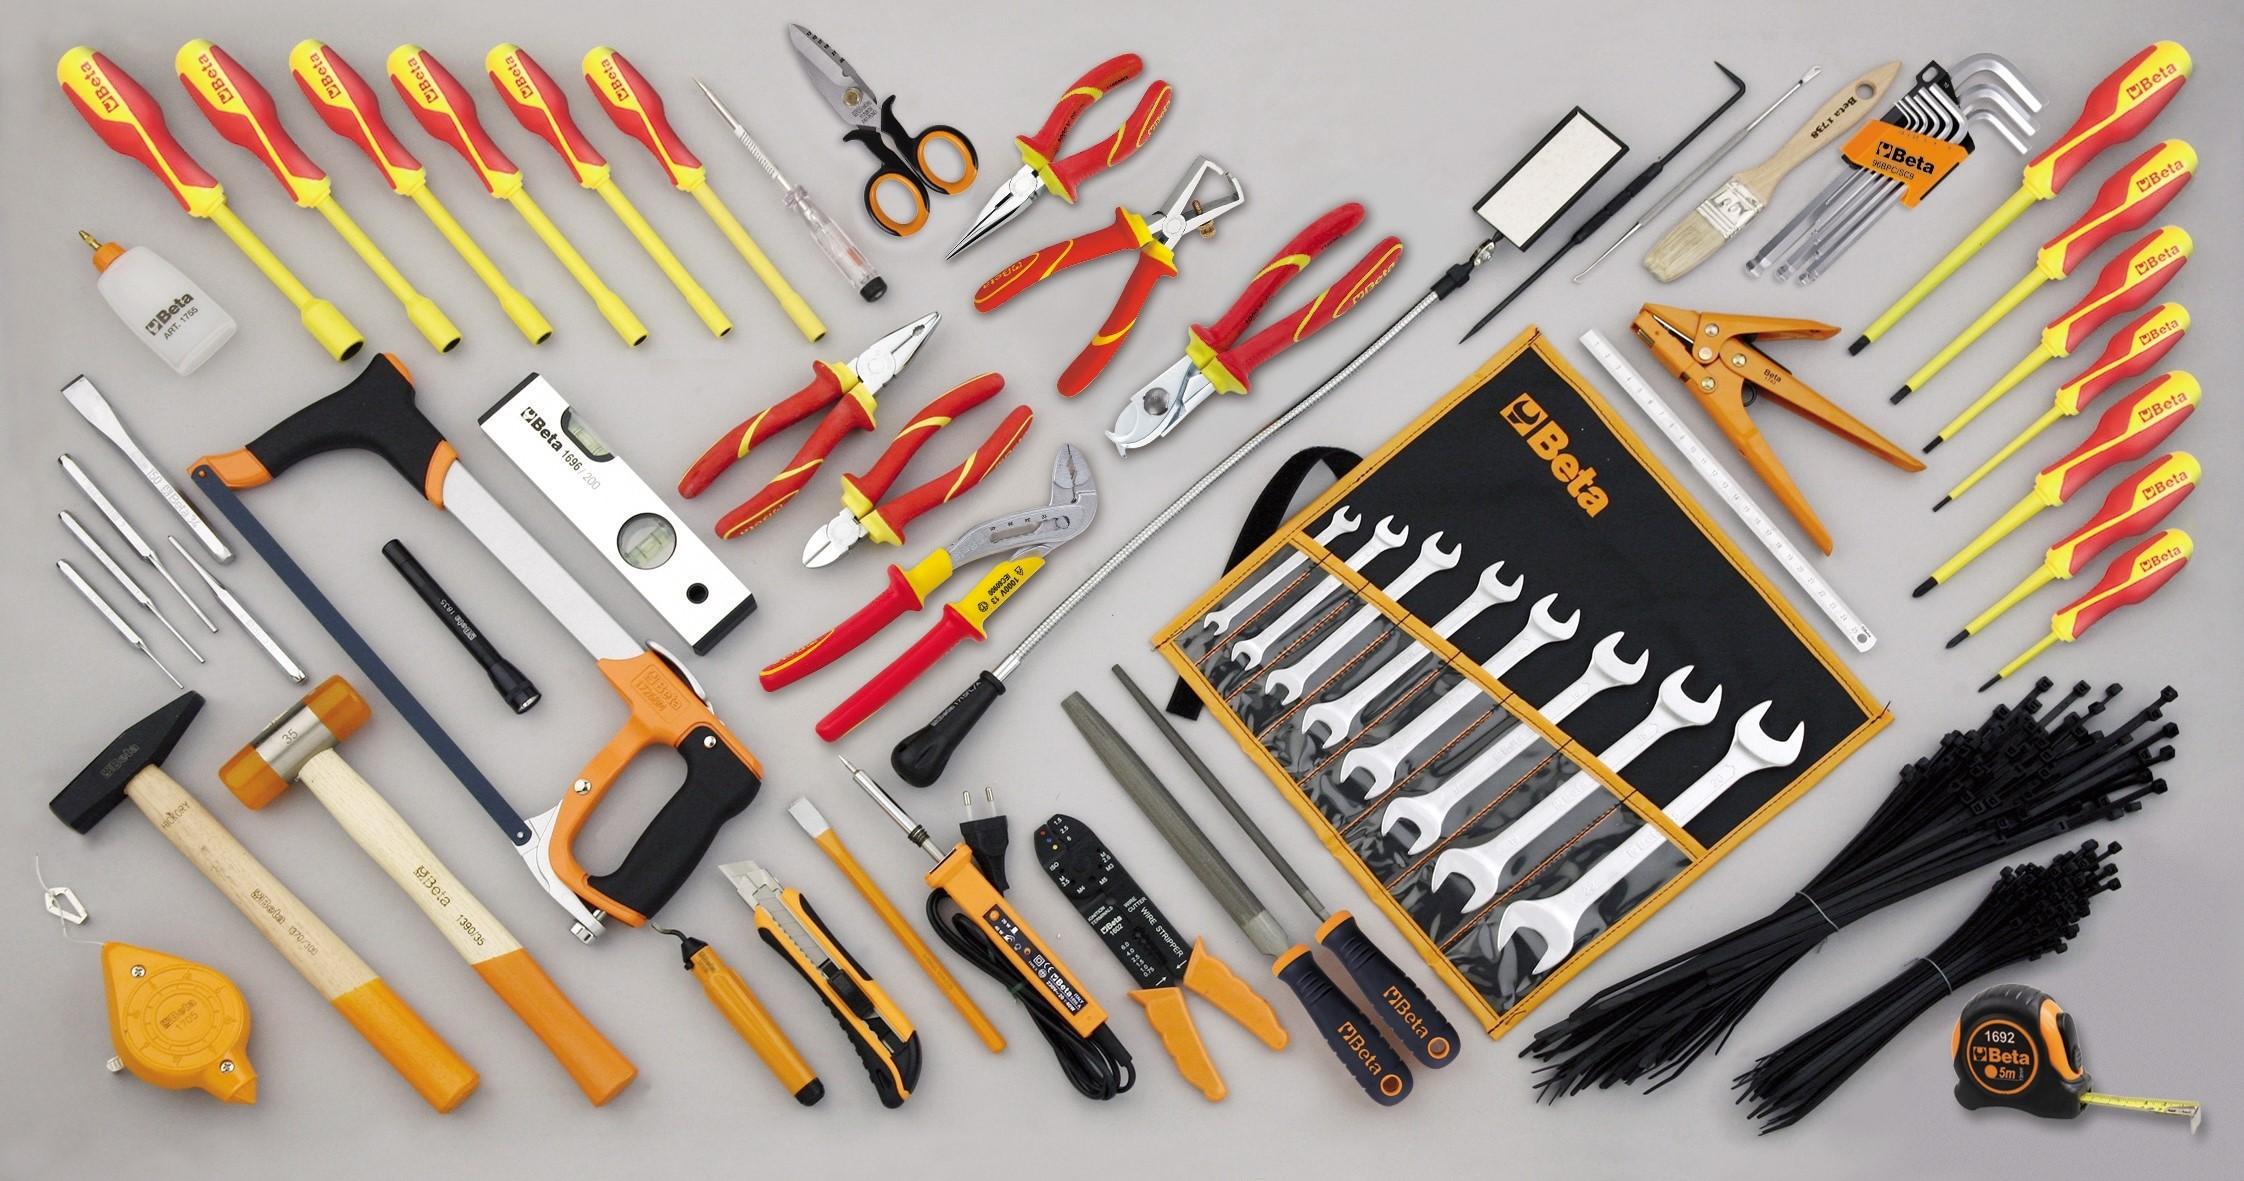 Populair Dit gereedschap moet je in je gereedschapskist hebben zitten - FHM JL92